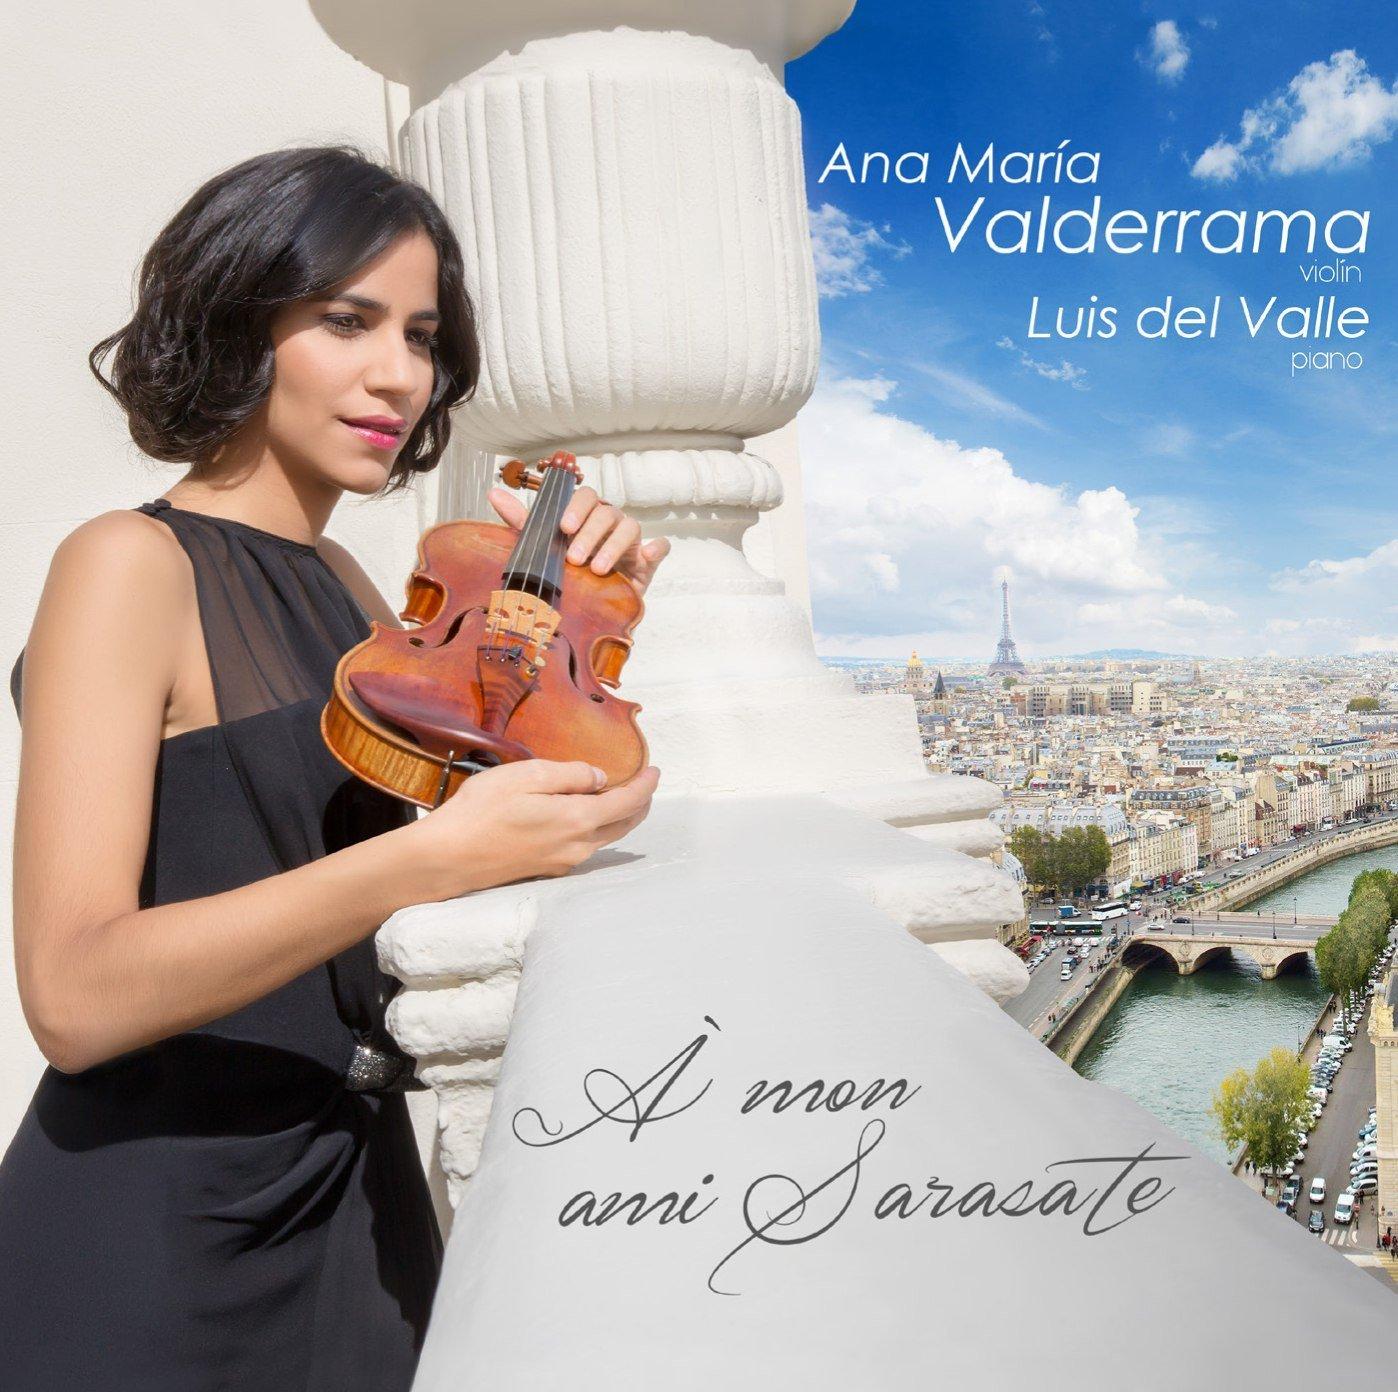 A mon ami Sarasate: homenaje a Sarasate de Ana María Valderrama y Luis del Valle